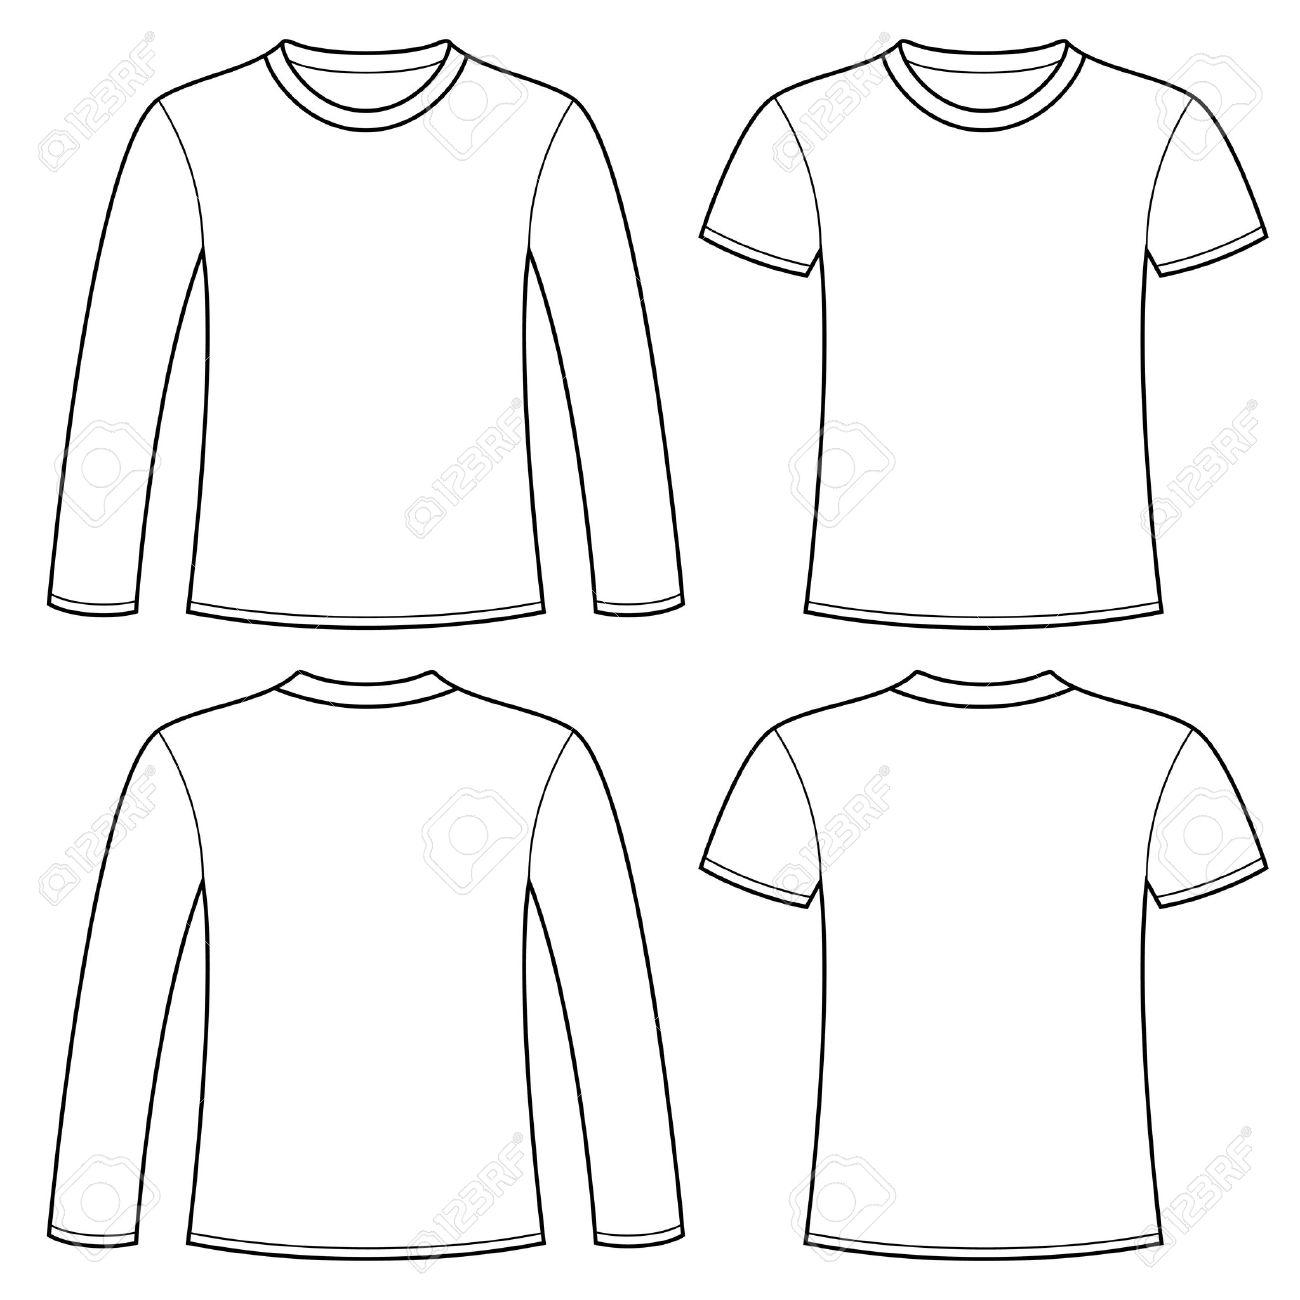 長袖 t シャツと t シャツ テンプレート ロイヤリティフリークリップ